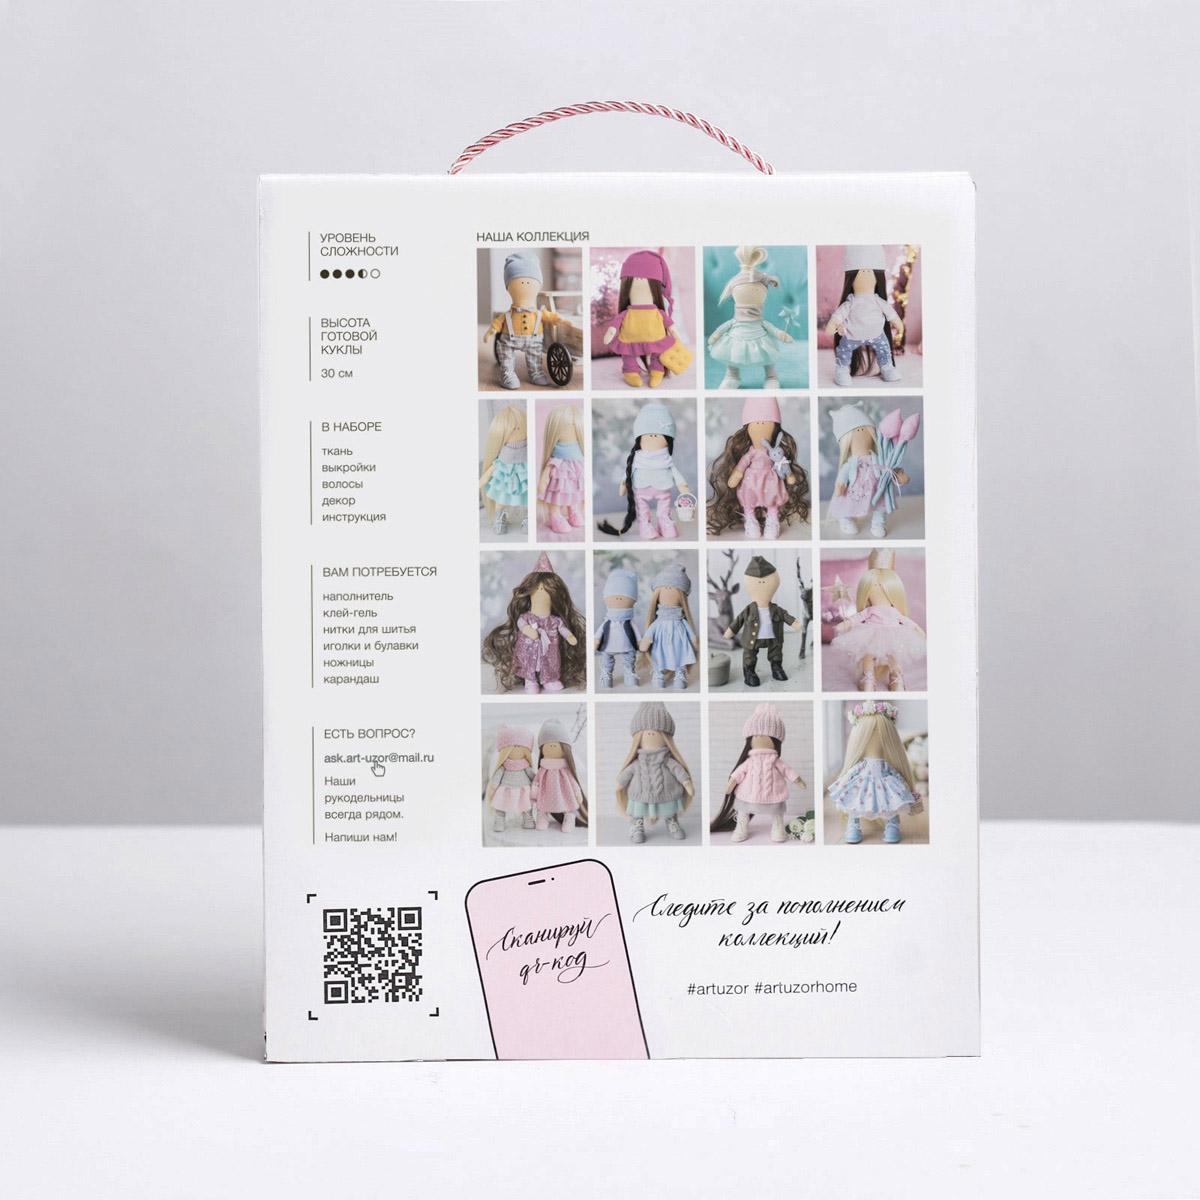 3548657 Интерьерная кукла 'Майя' набор для шитья, 18*22.5*4.5 см